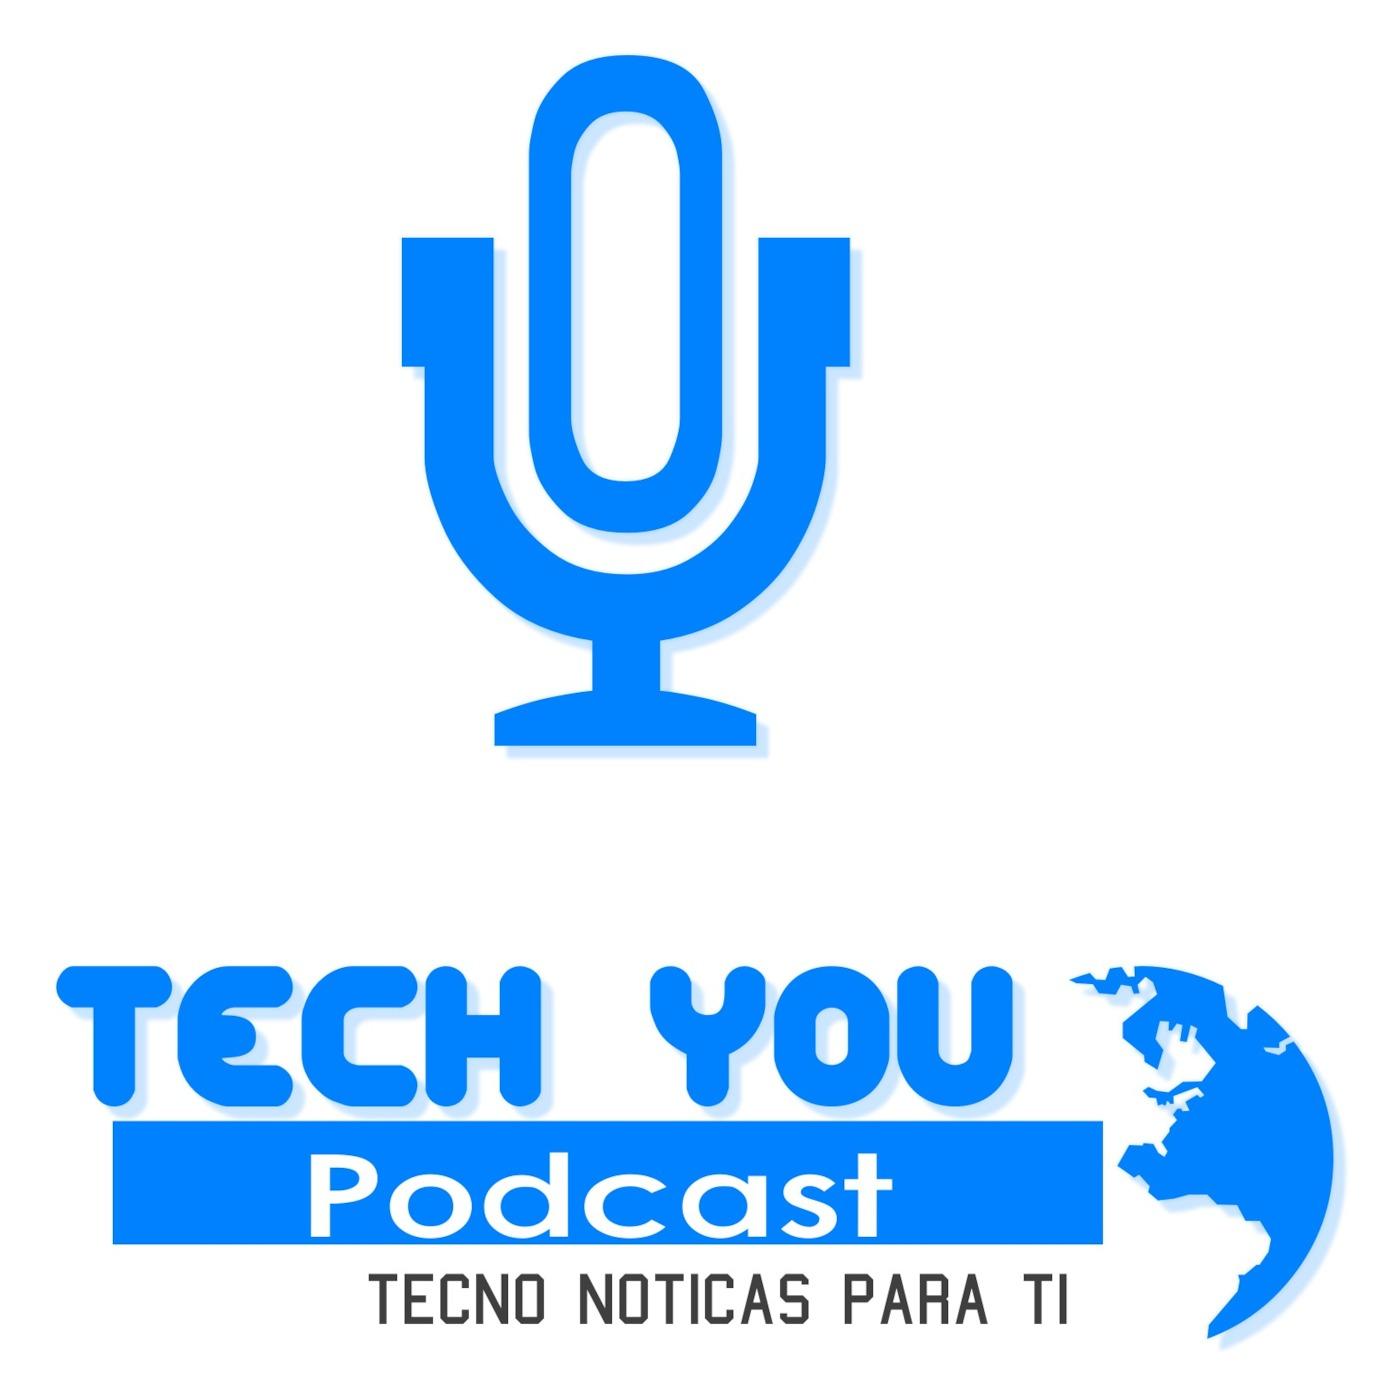 Tech You!